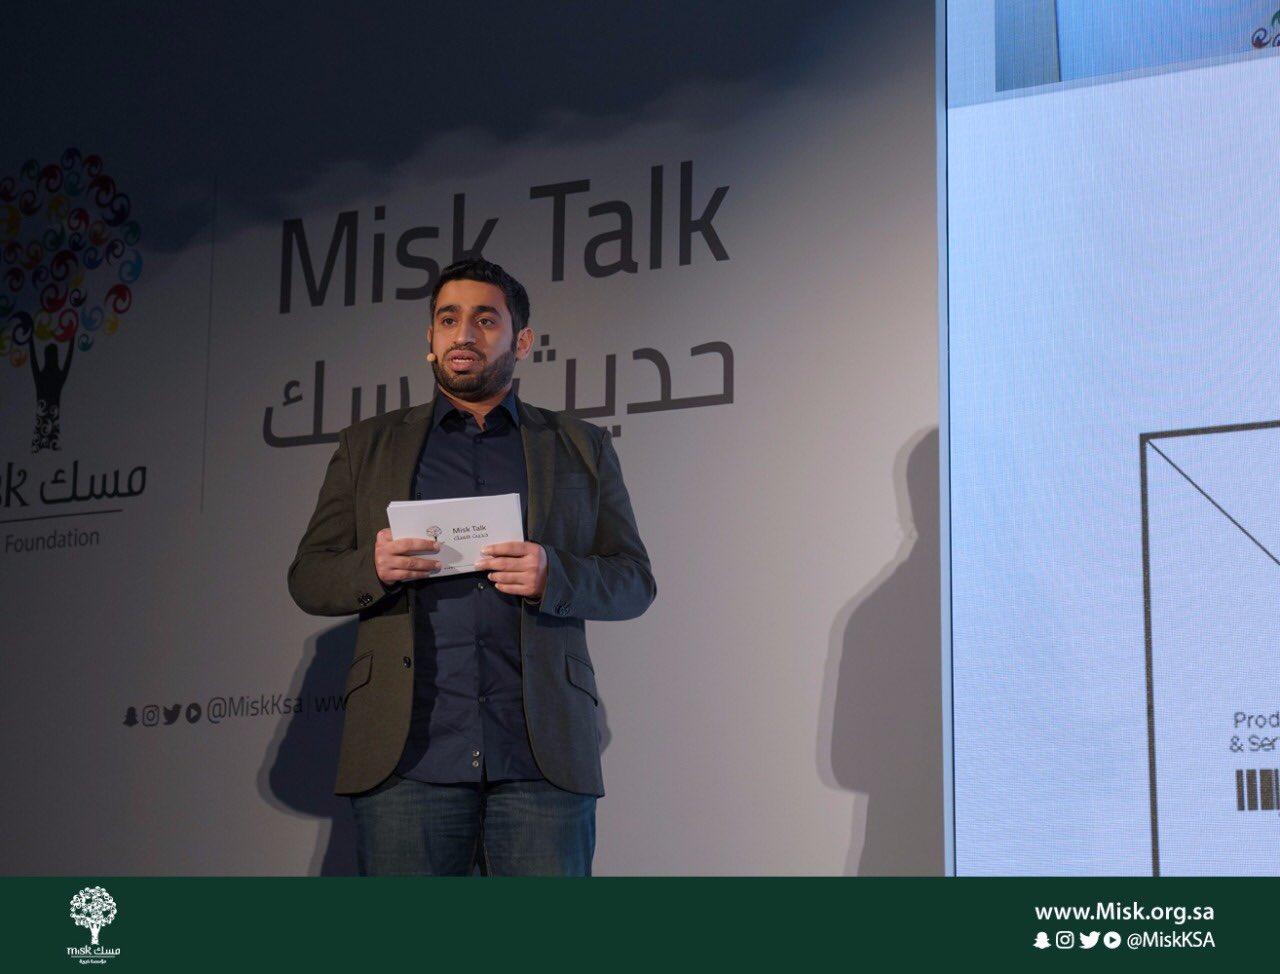 Misk Talk Los Angeles Mohammed Almokhem CX Shift - حديث مسك لوس انجلوس محمد المقحم.jpg